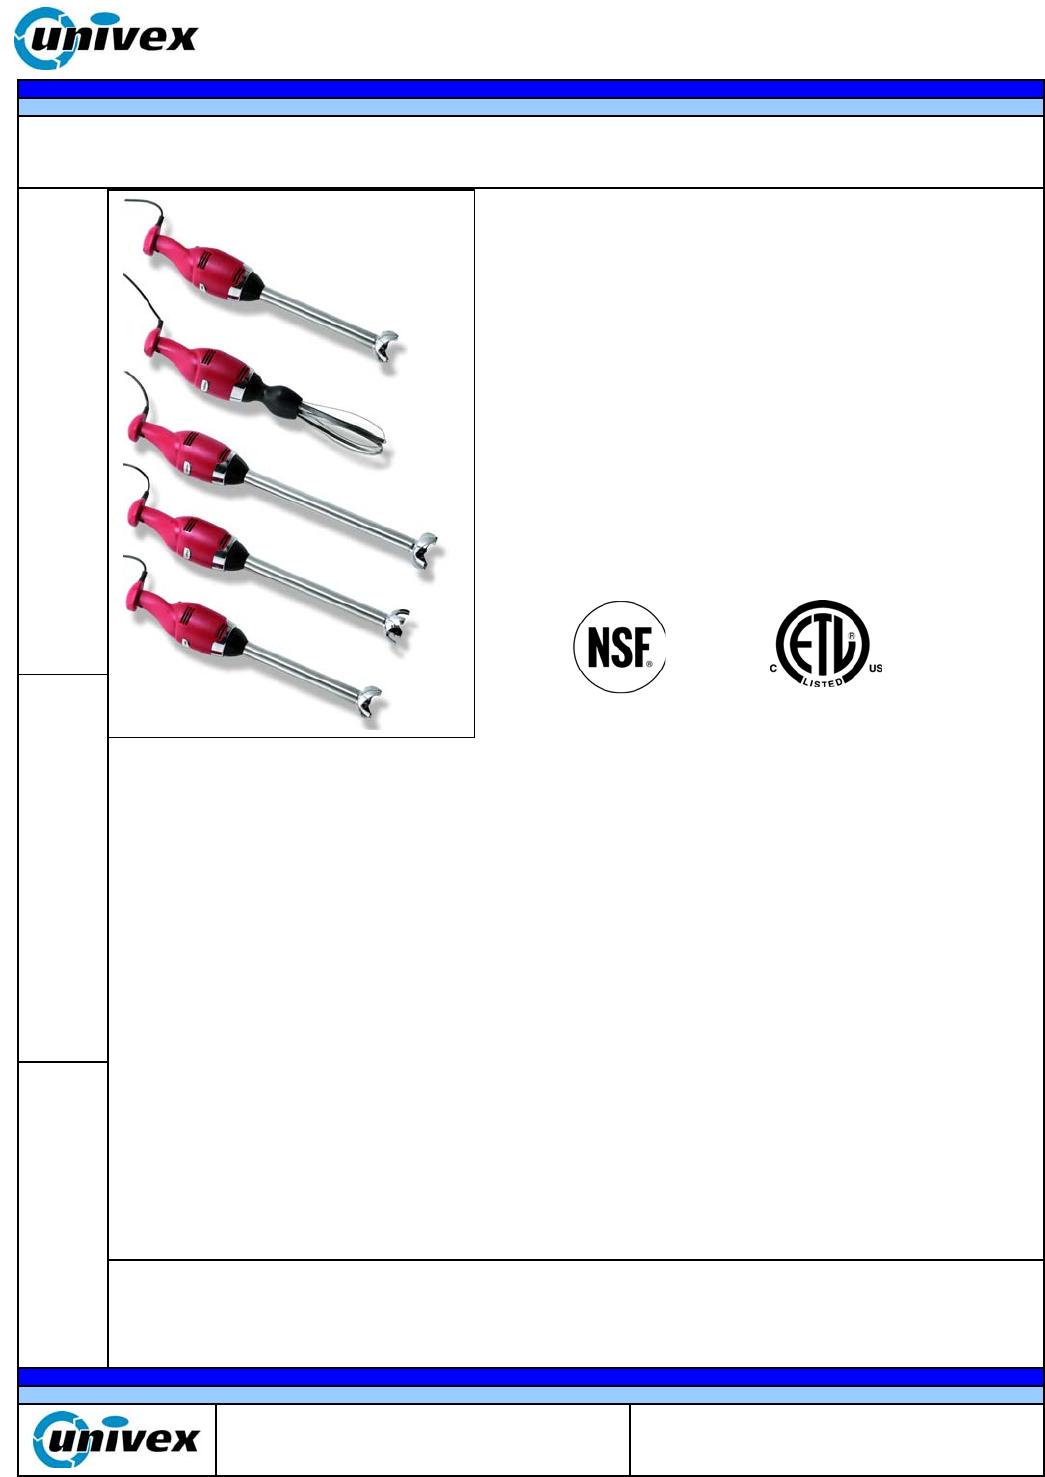 univex mixer tr550 user guide manualsonline com rh kitchen manualsonline com Univex Patty Press Univex 7512 Slicer